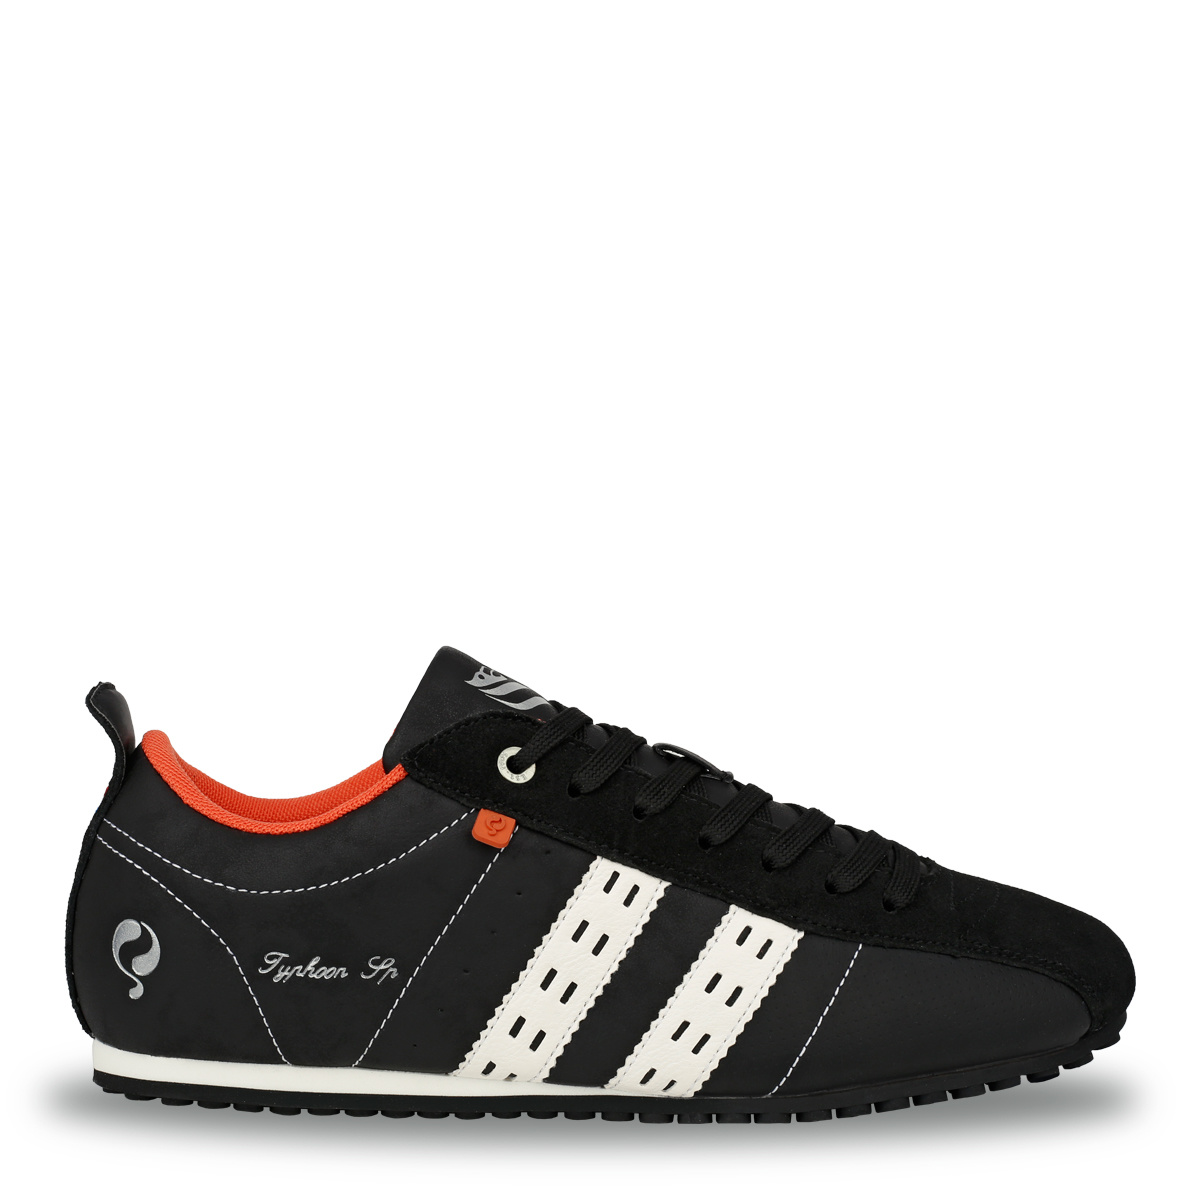 Heren Sneaker Typhoon SP - Zwart/Wit